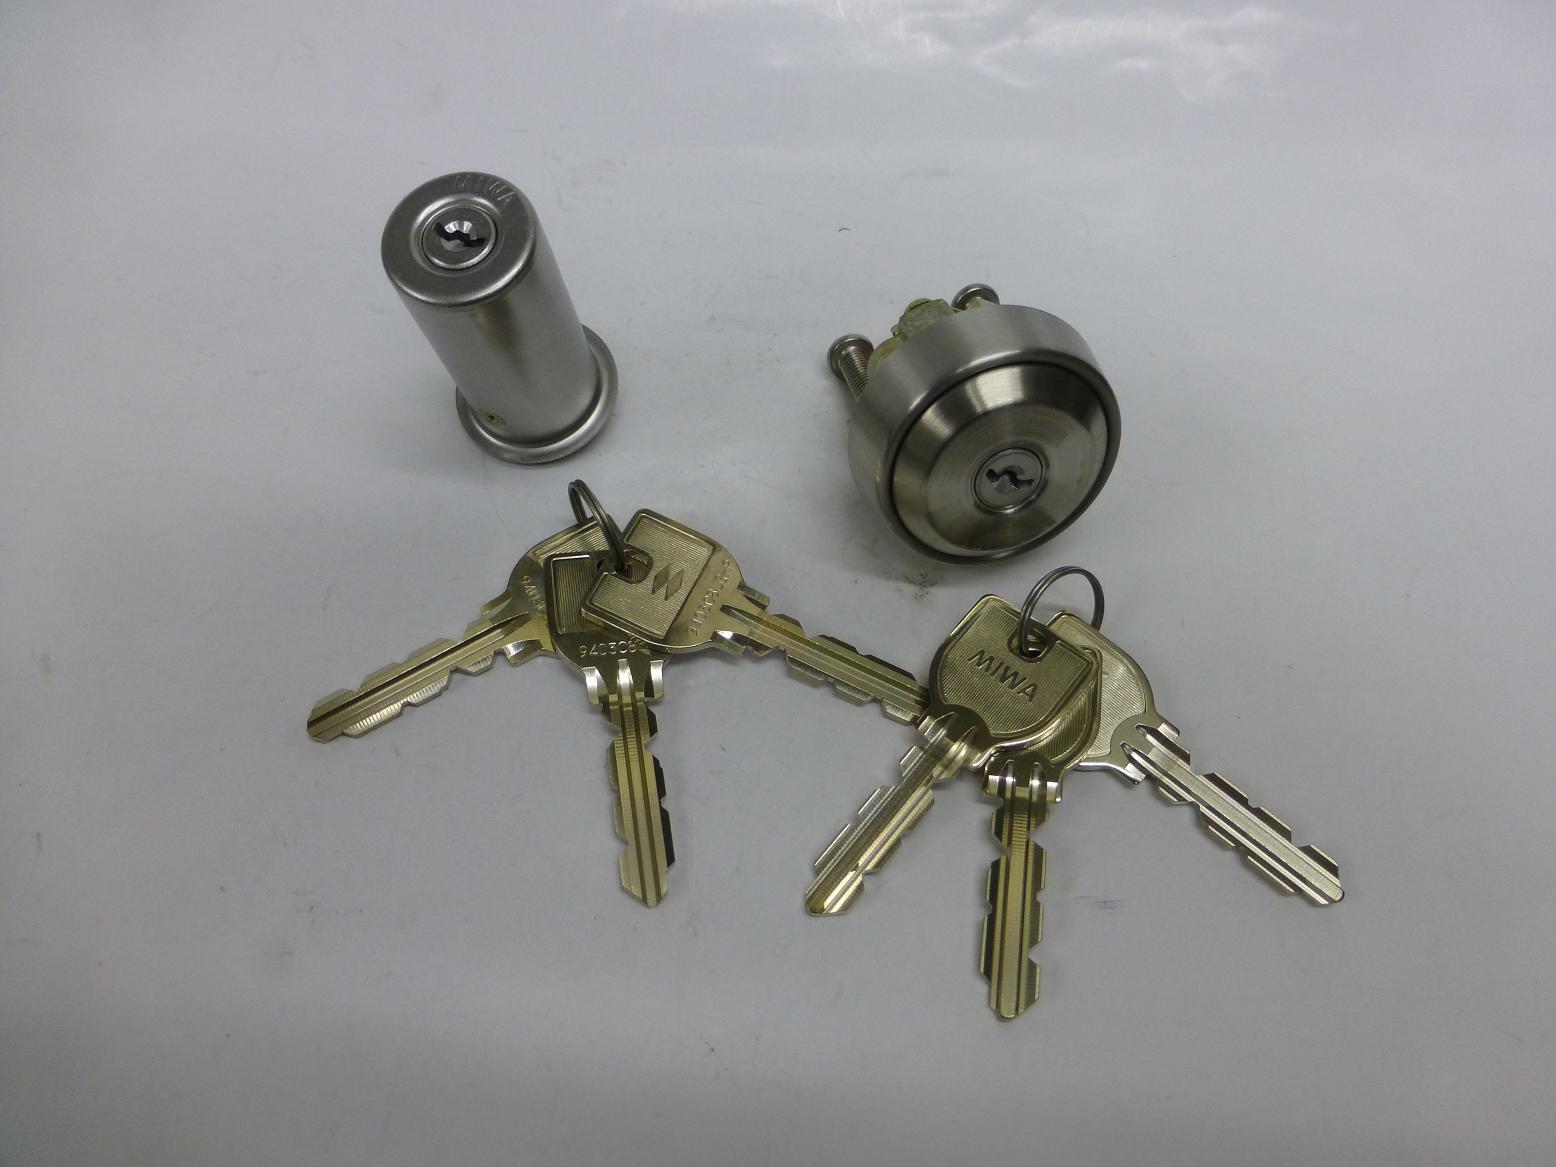 MIWA交換シリンダーU9 PMK NDZ 同一 鍵6本付